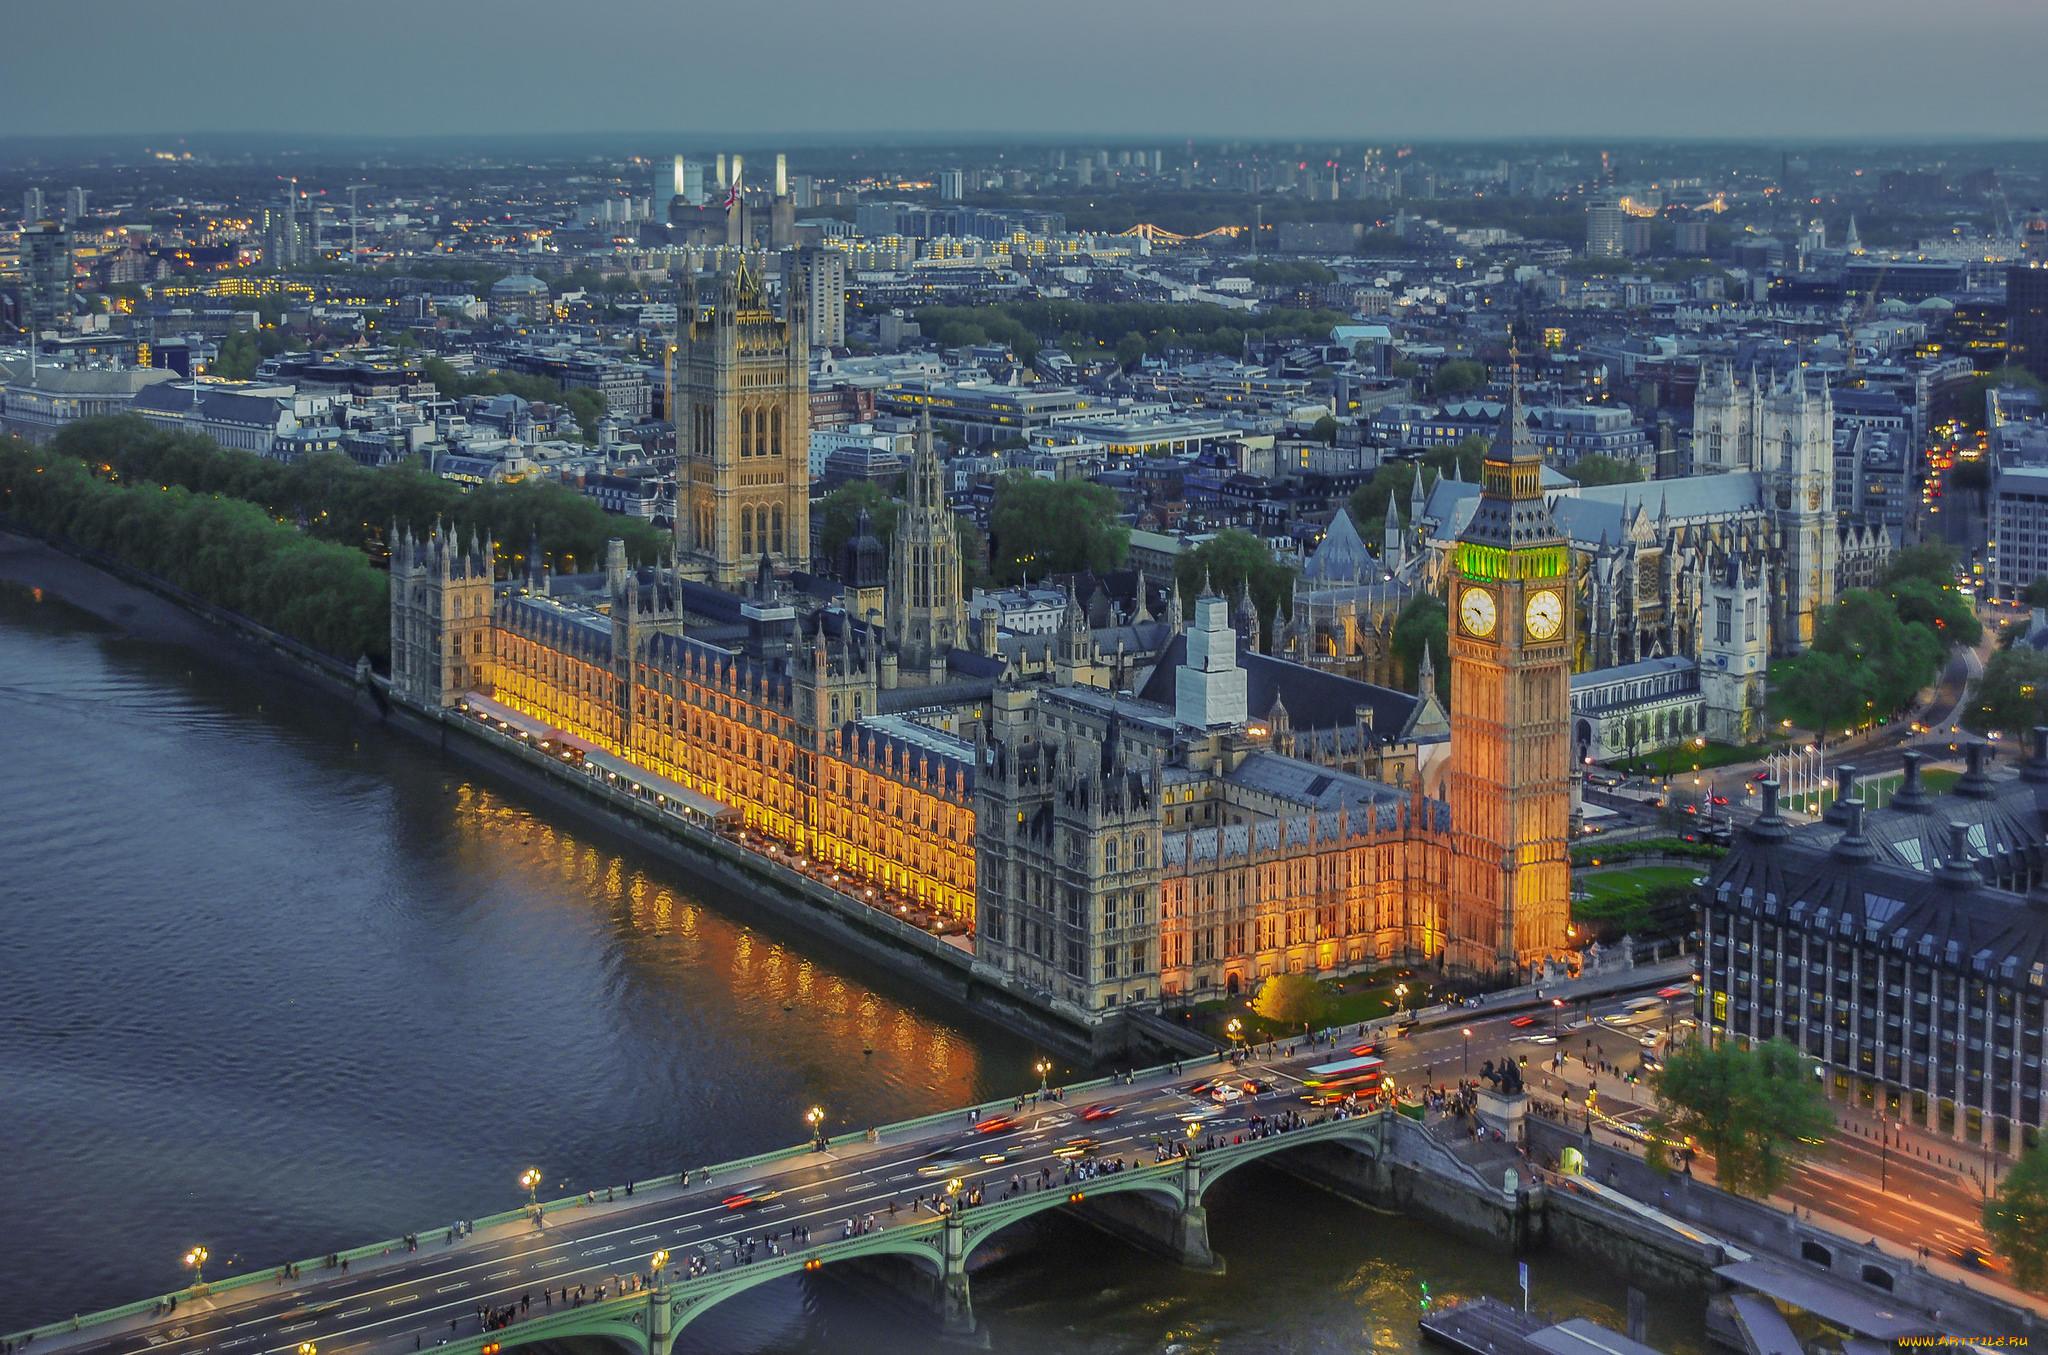 такое город лондон фото эффектно